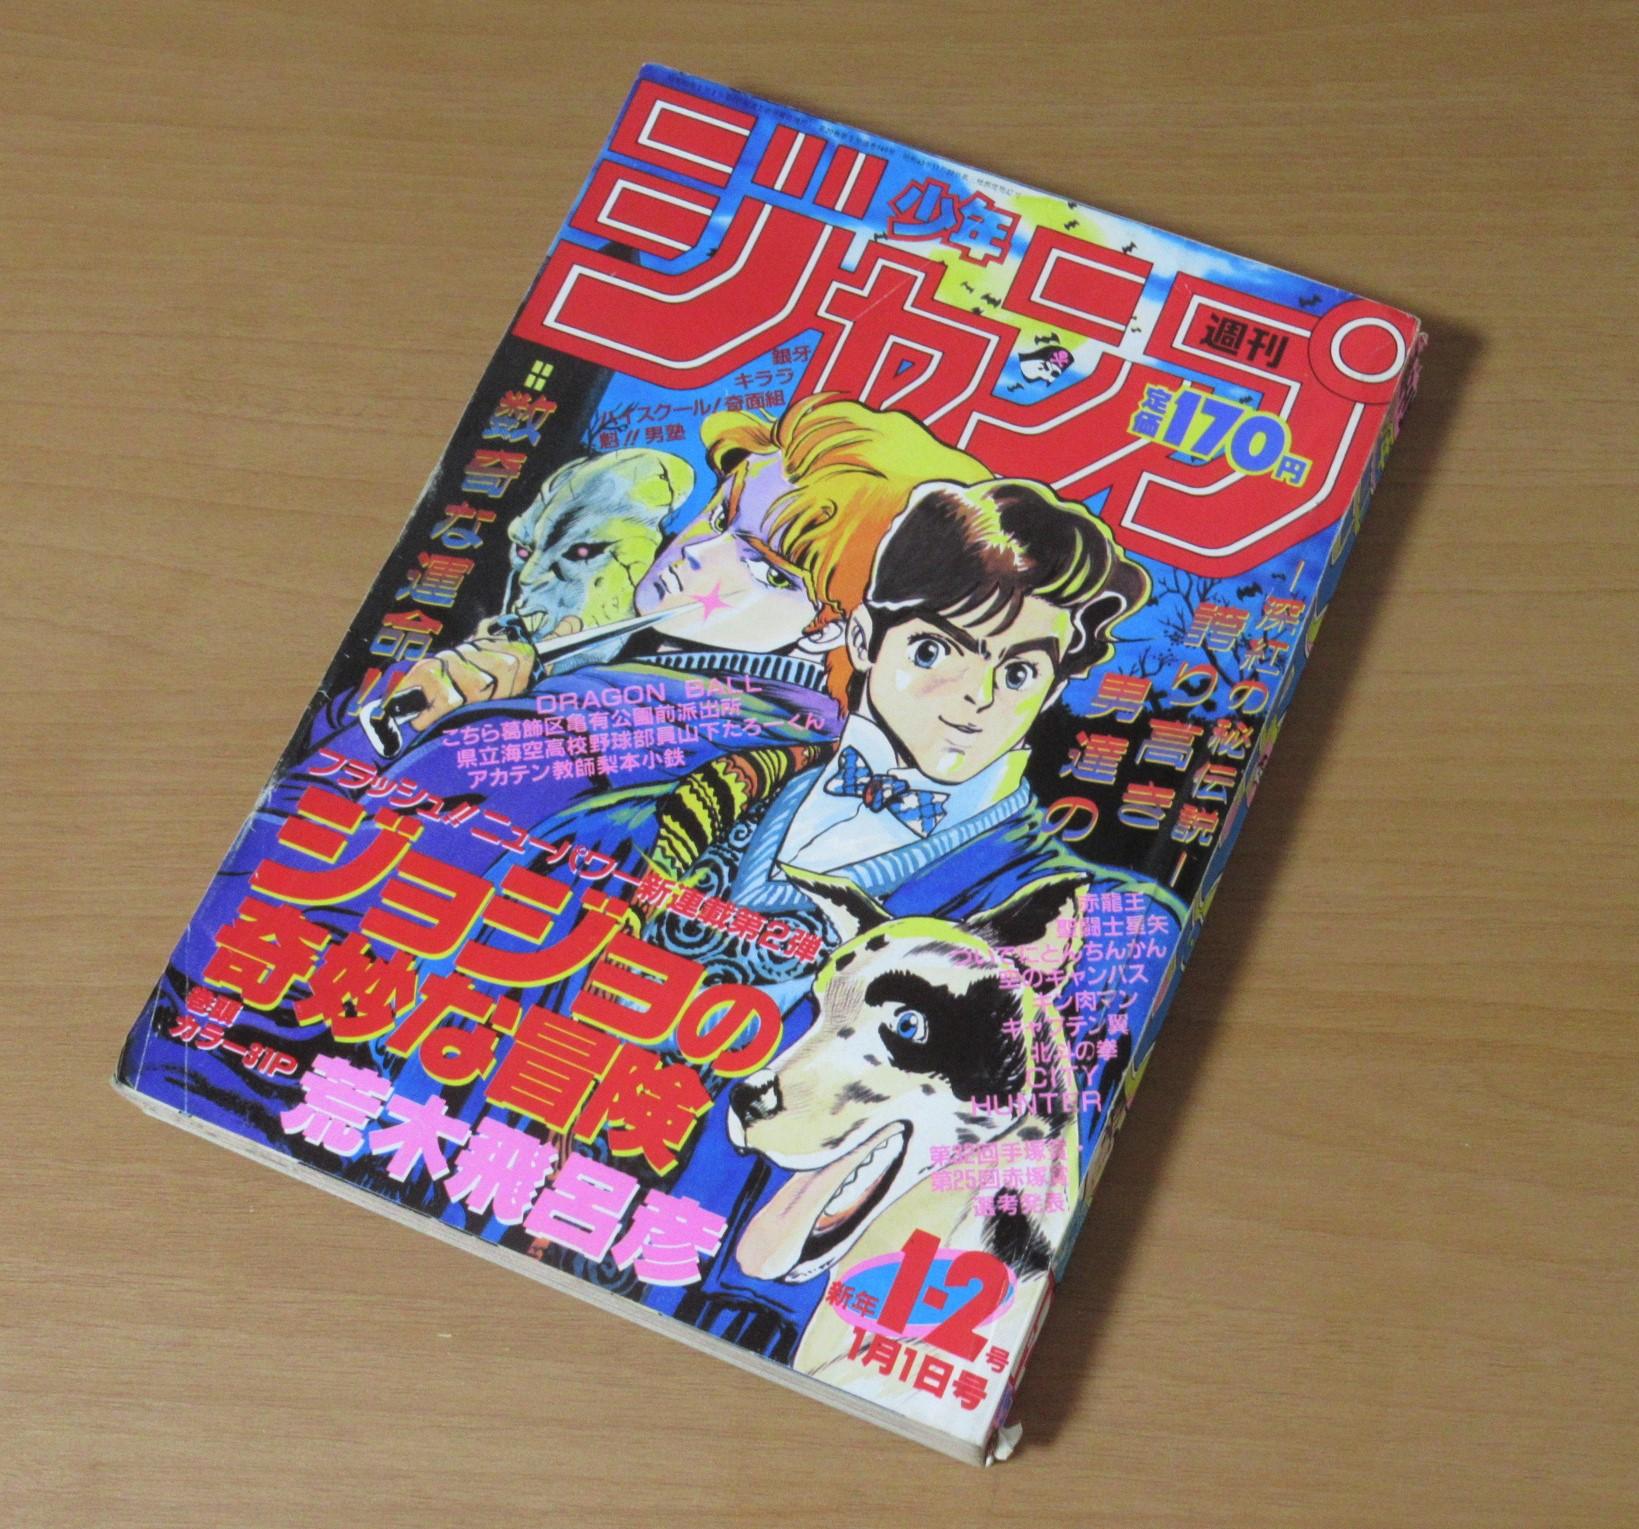 週刊少年ジャンプ 1987年1月1日号 1・2号 ジョジョの奇妙な冒険 荒木飛呂彦 新連載 初号 買取